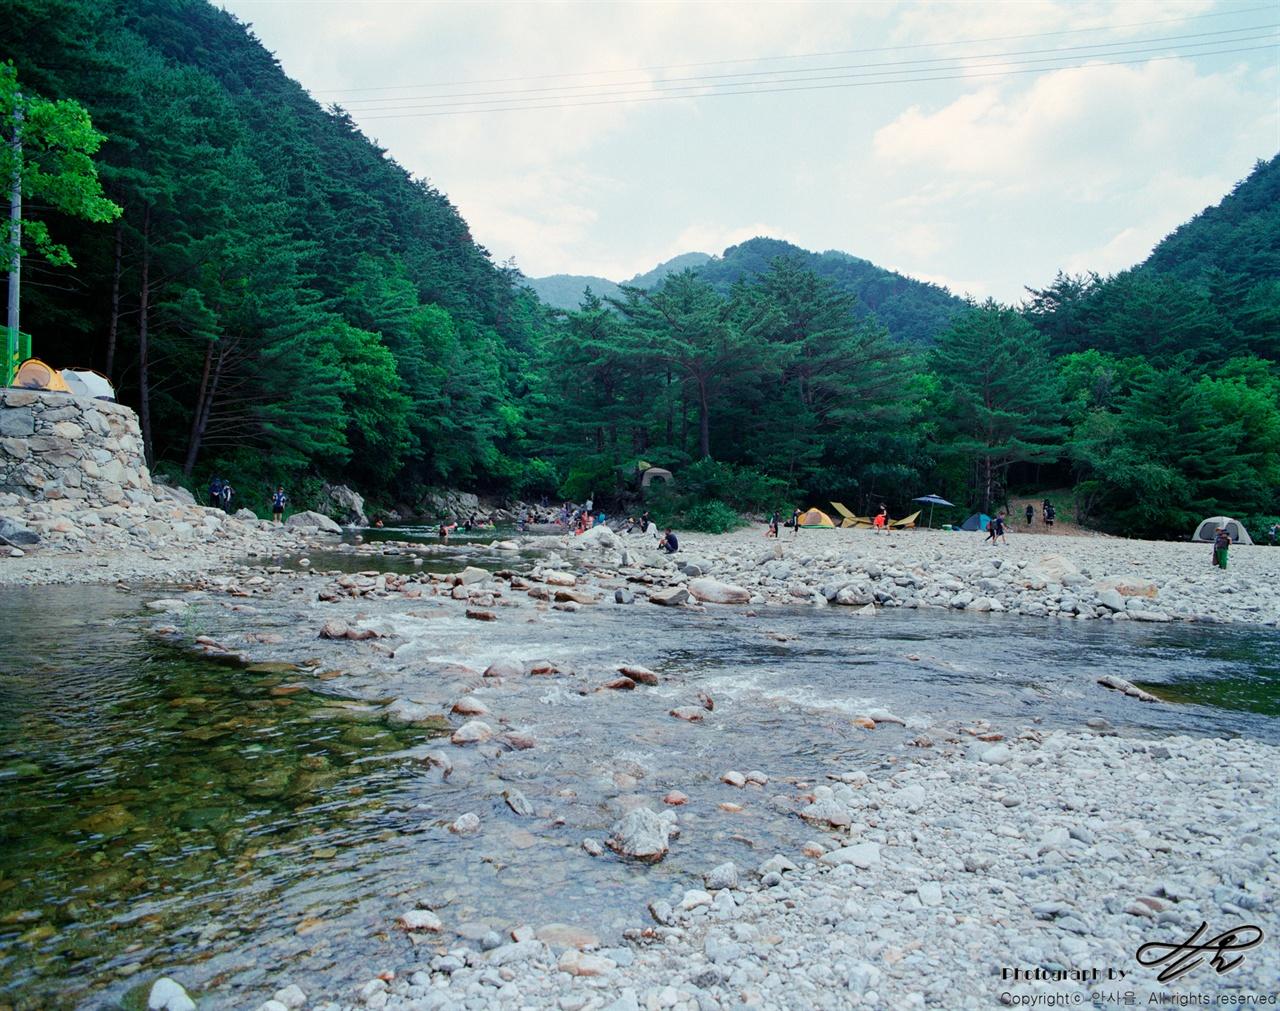 아침가리계곡 (6*7중형/Portra160)보이는 곳은 아침가리계곡의 초입으로 방태천과 만나는 곳이다. 극심하게 가물었음에도 불구하고 물이 꽤나 많이 흐르고 있었다.